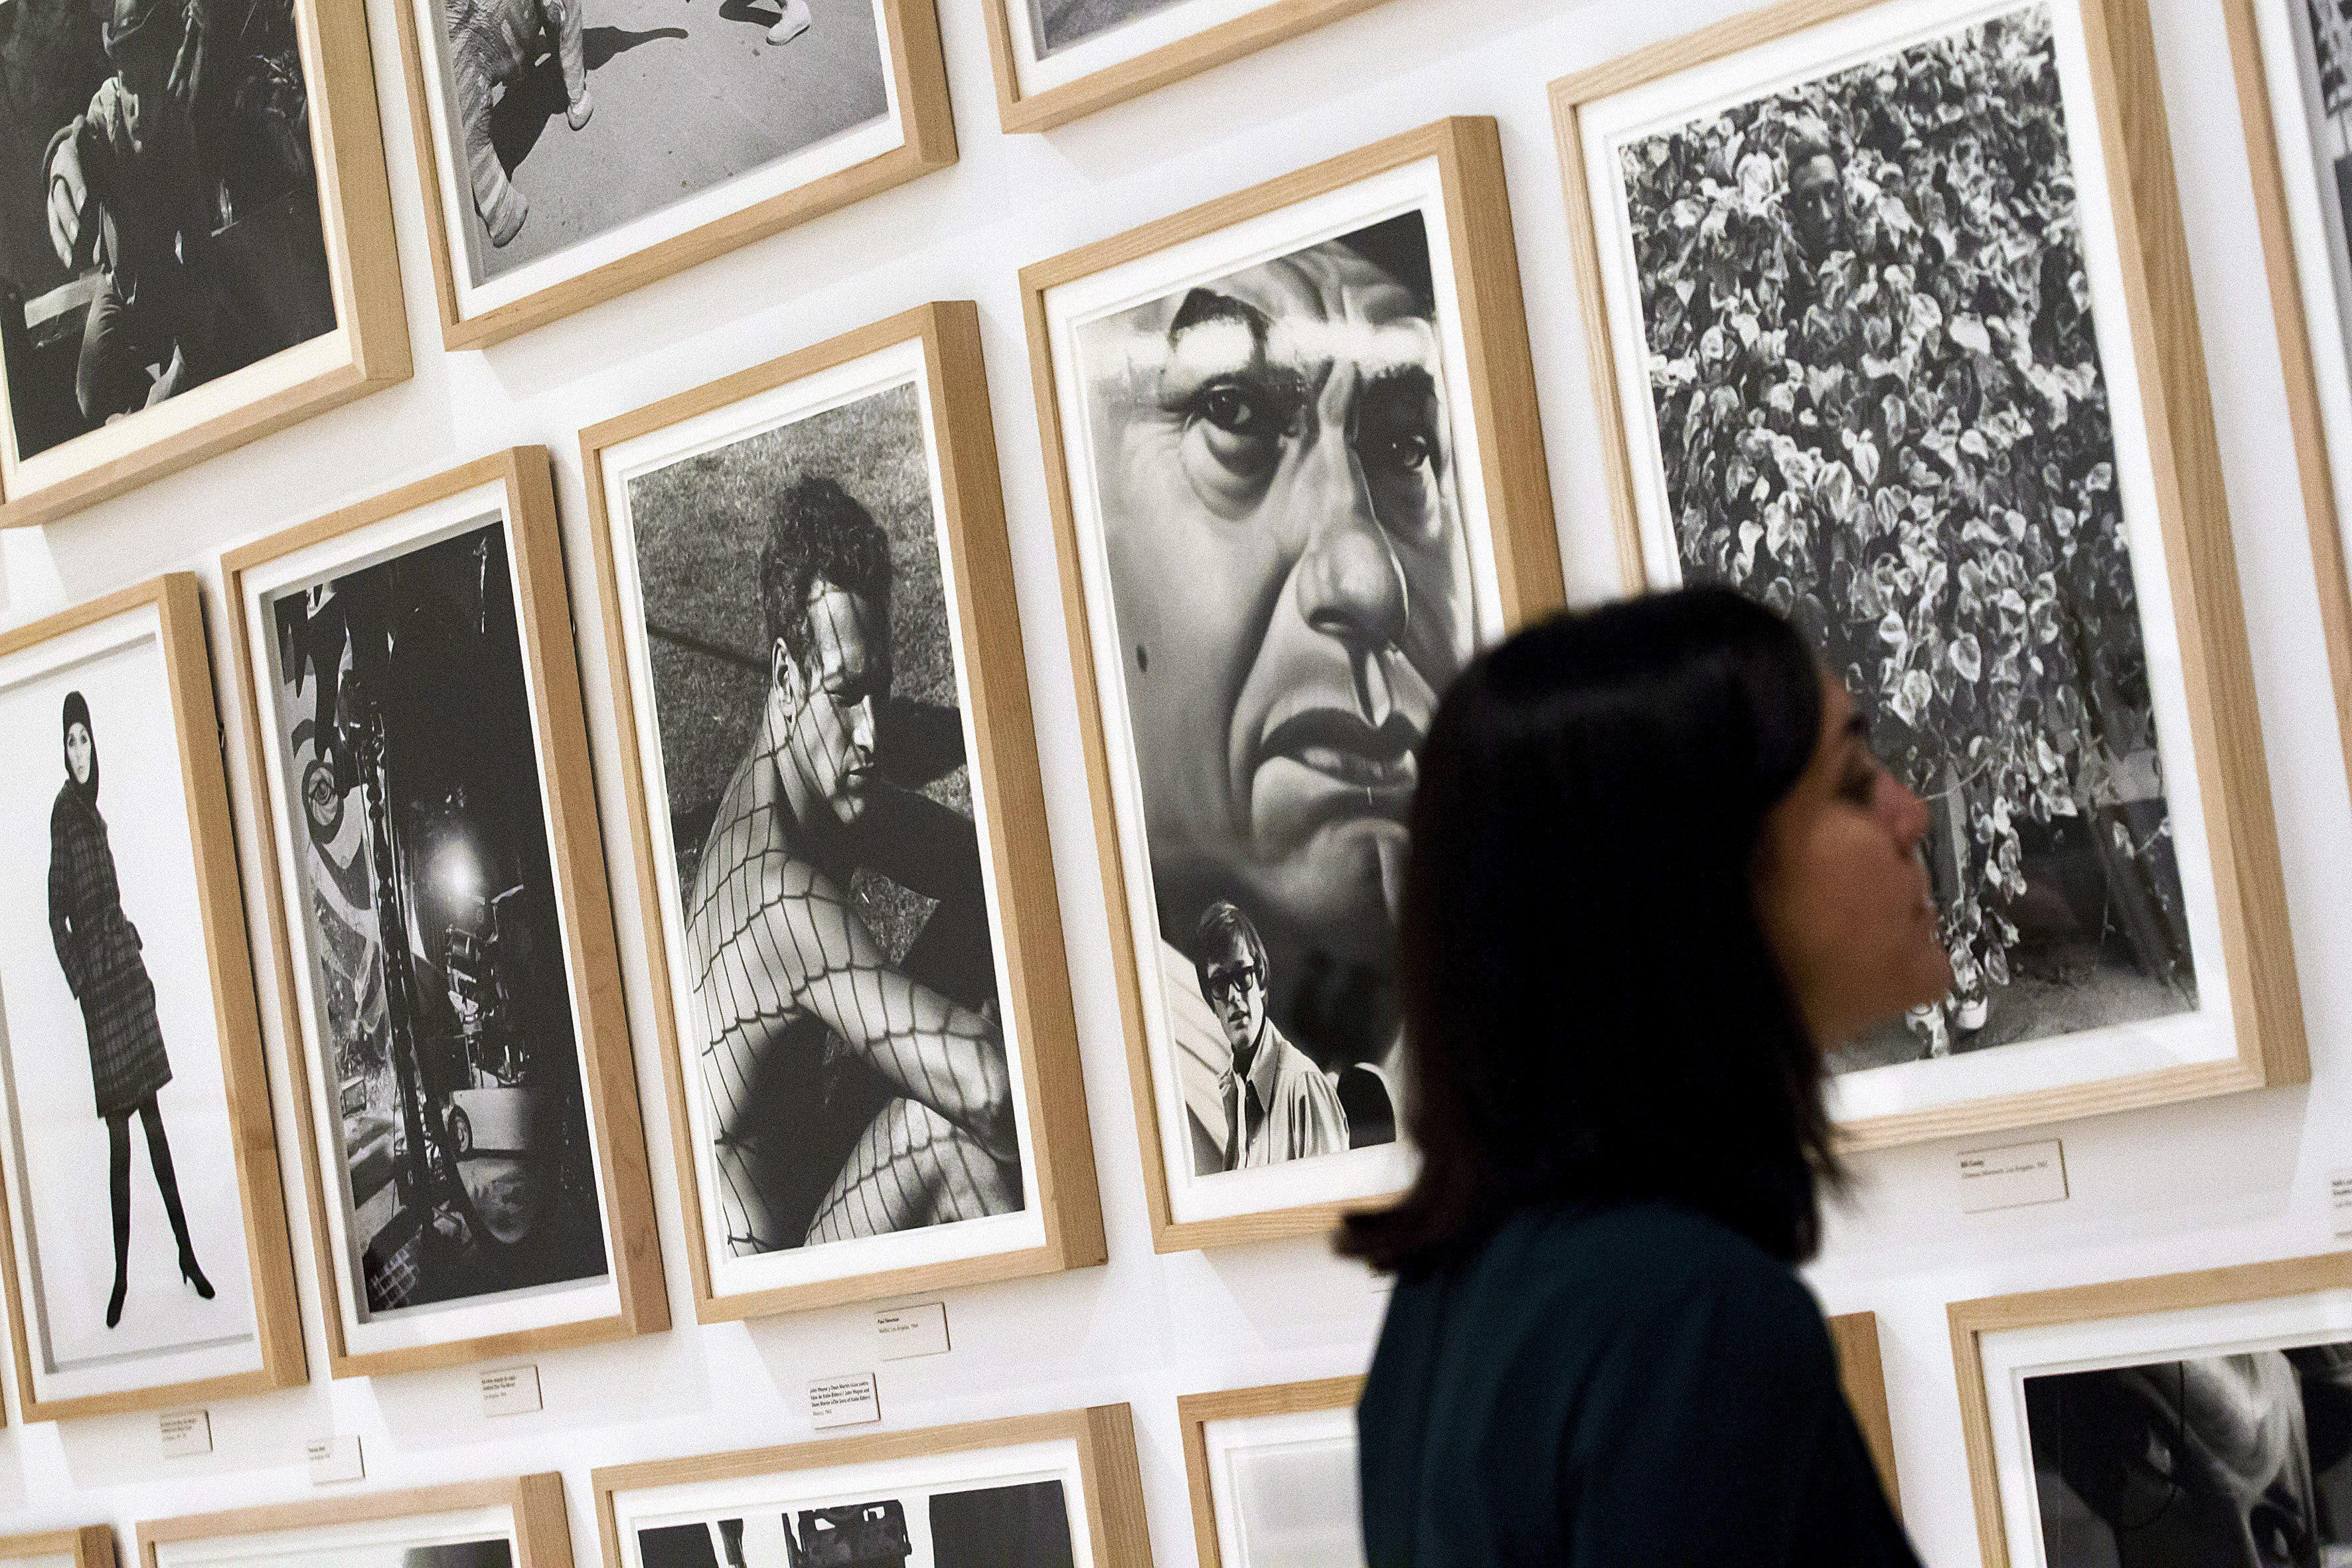 El Museo Picasso de Málaga abrirá gratis 24 horas para celebrar su décimo aniversario